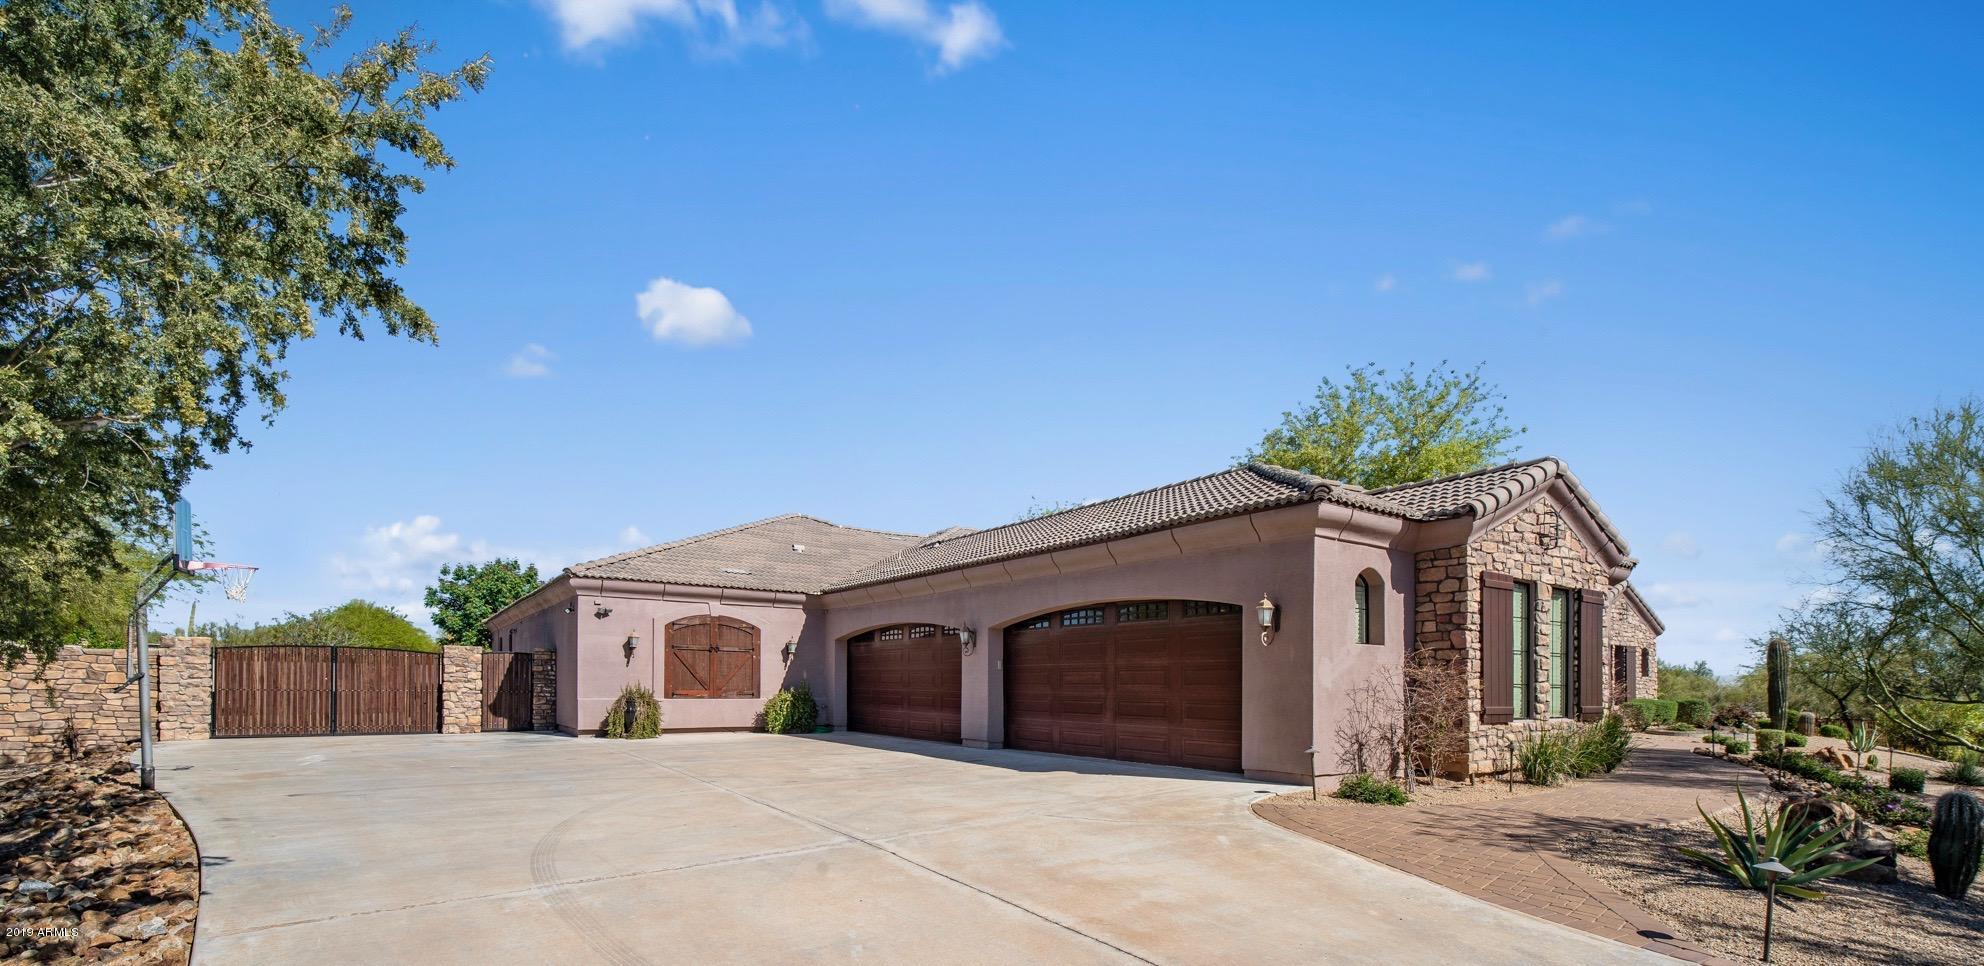 MLS 5914649 29219 N 59TH Street, Cave Creek, AZ 85331 Cave Creek AZ Mountain View